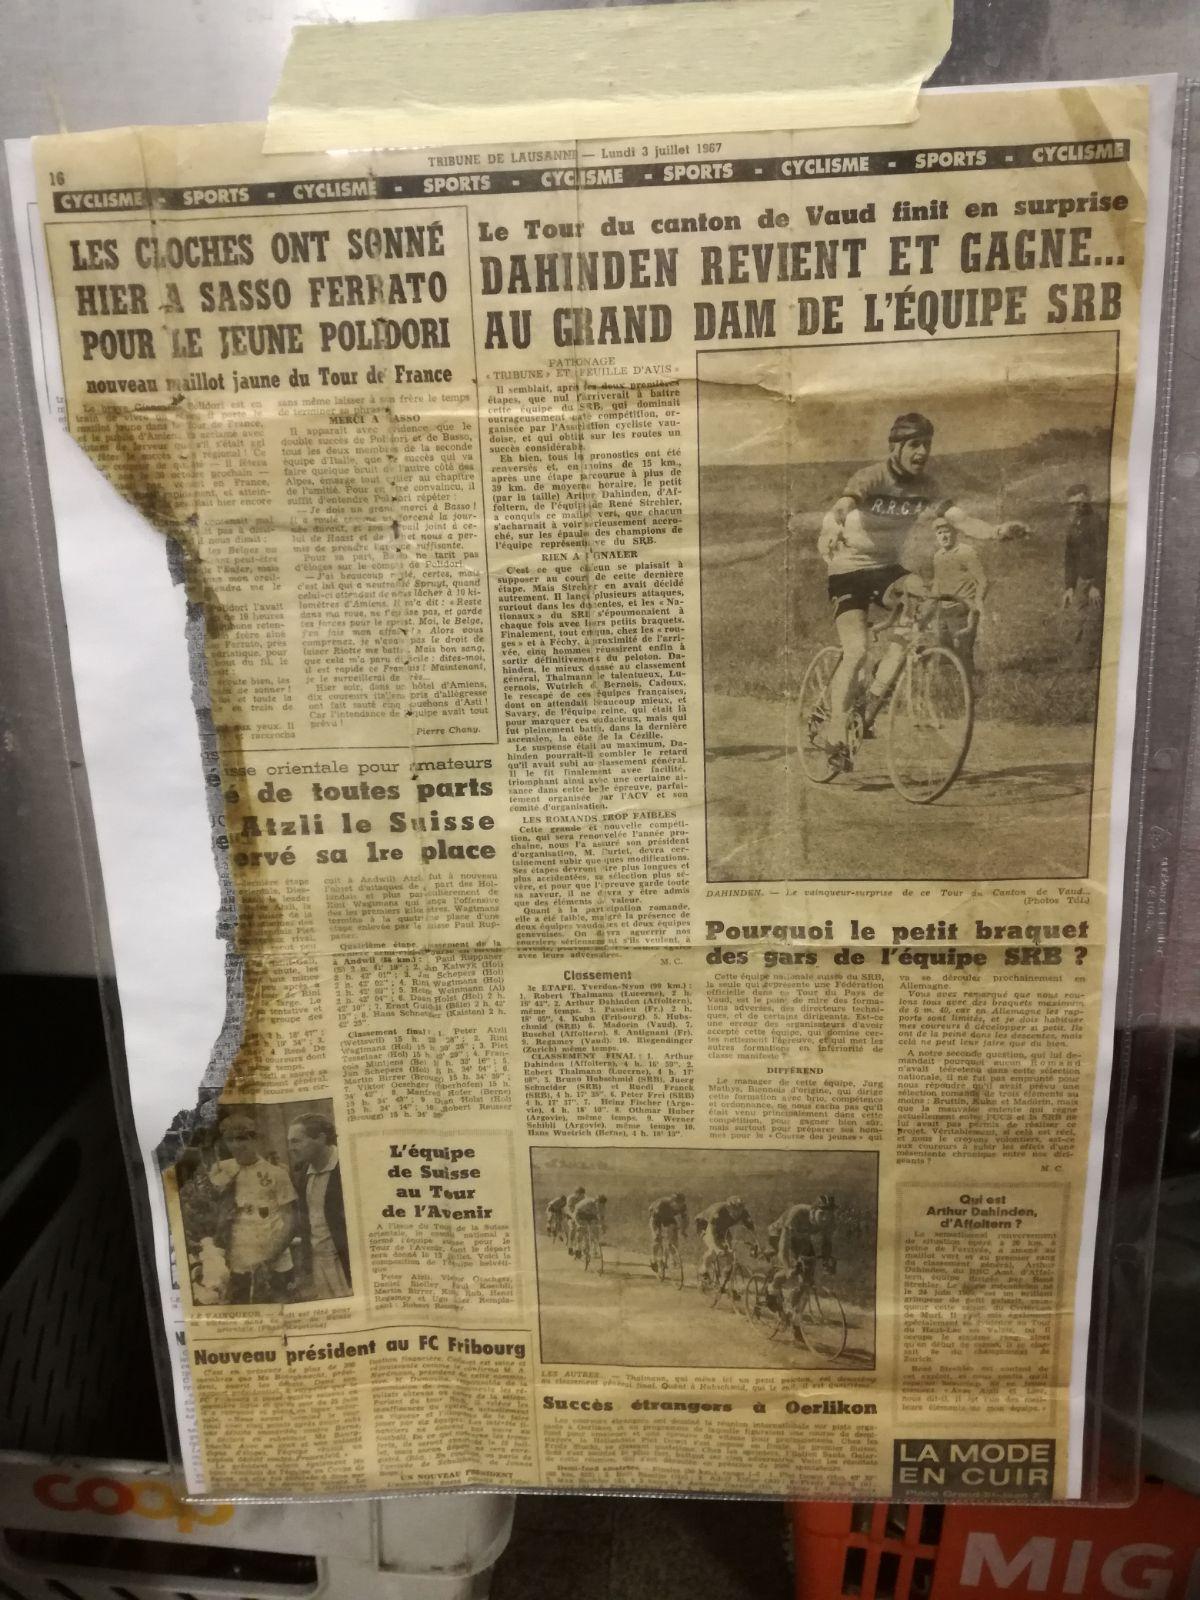 1967 gewann Turi Dahinden das «Pays de Vaud»-Juniorenrennen.